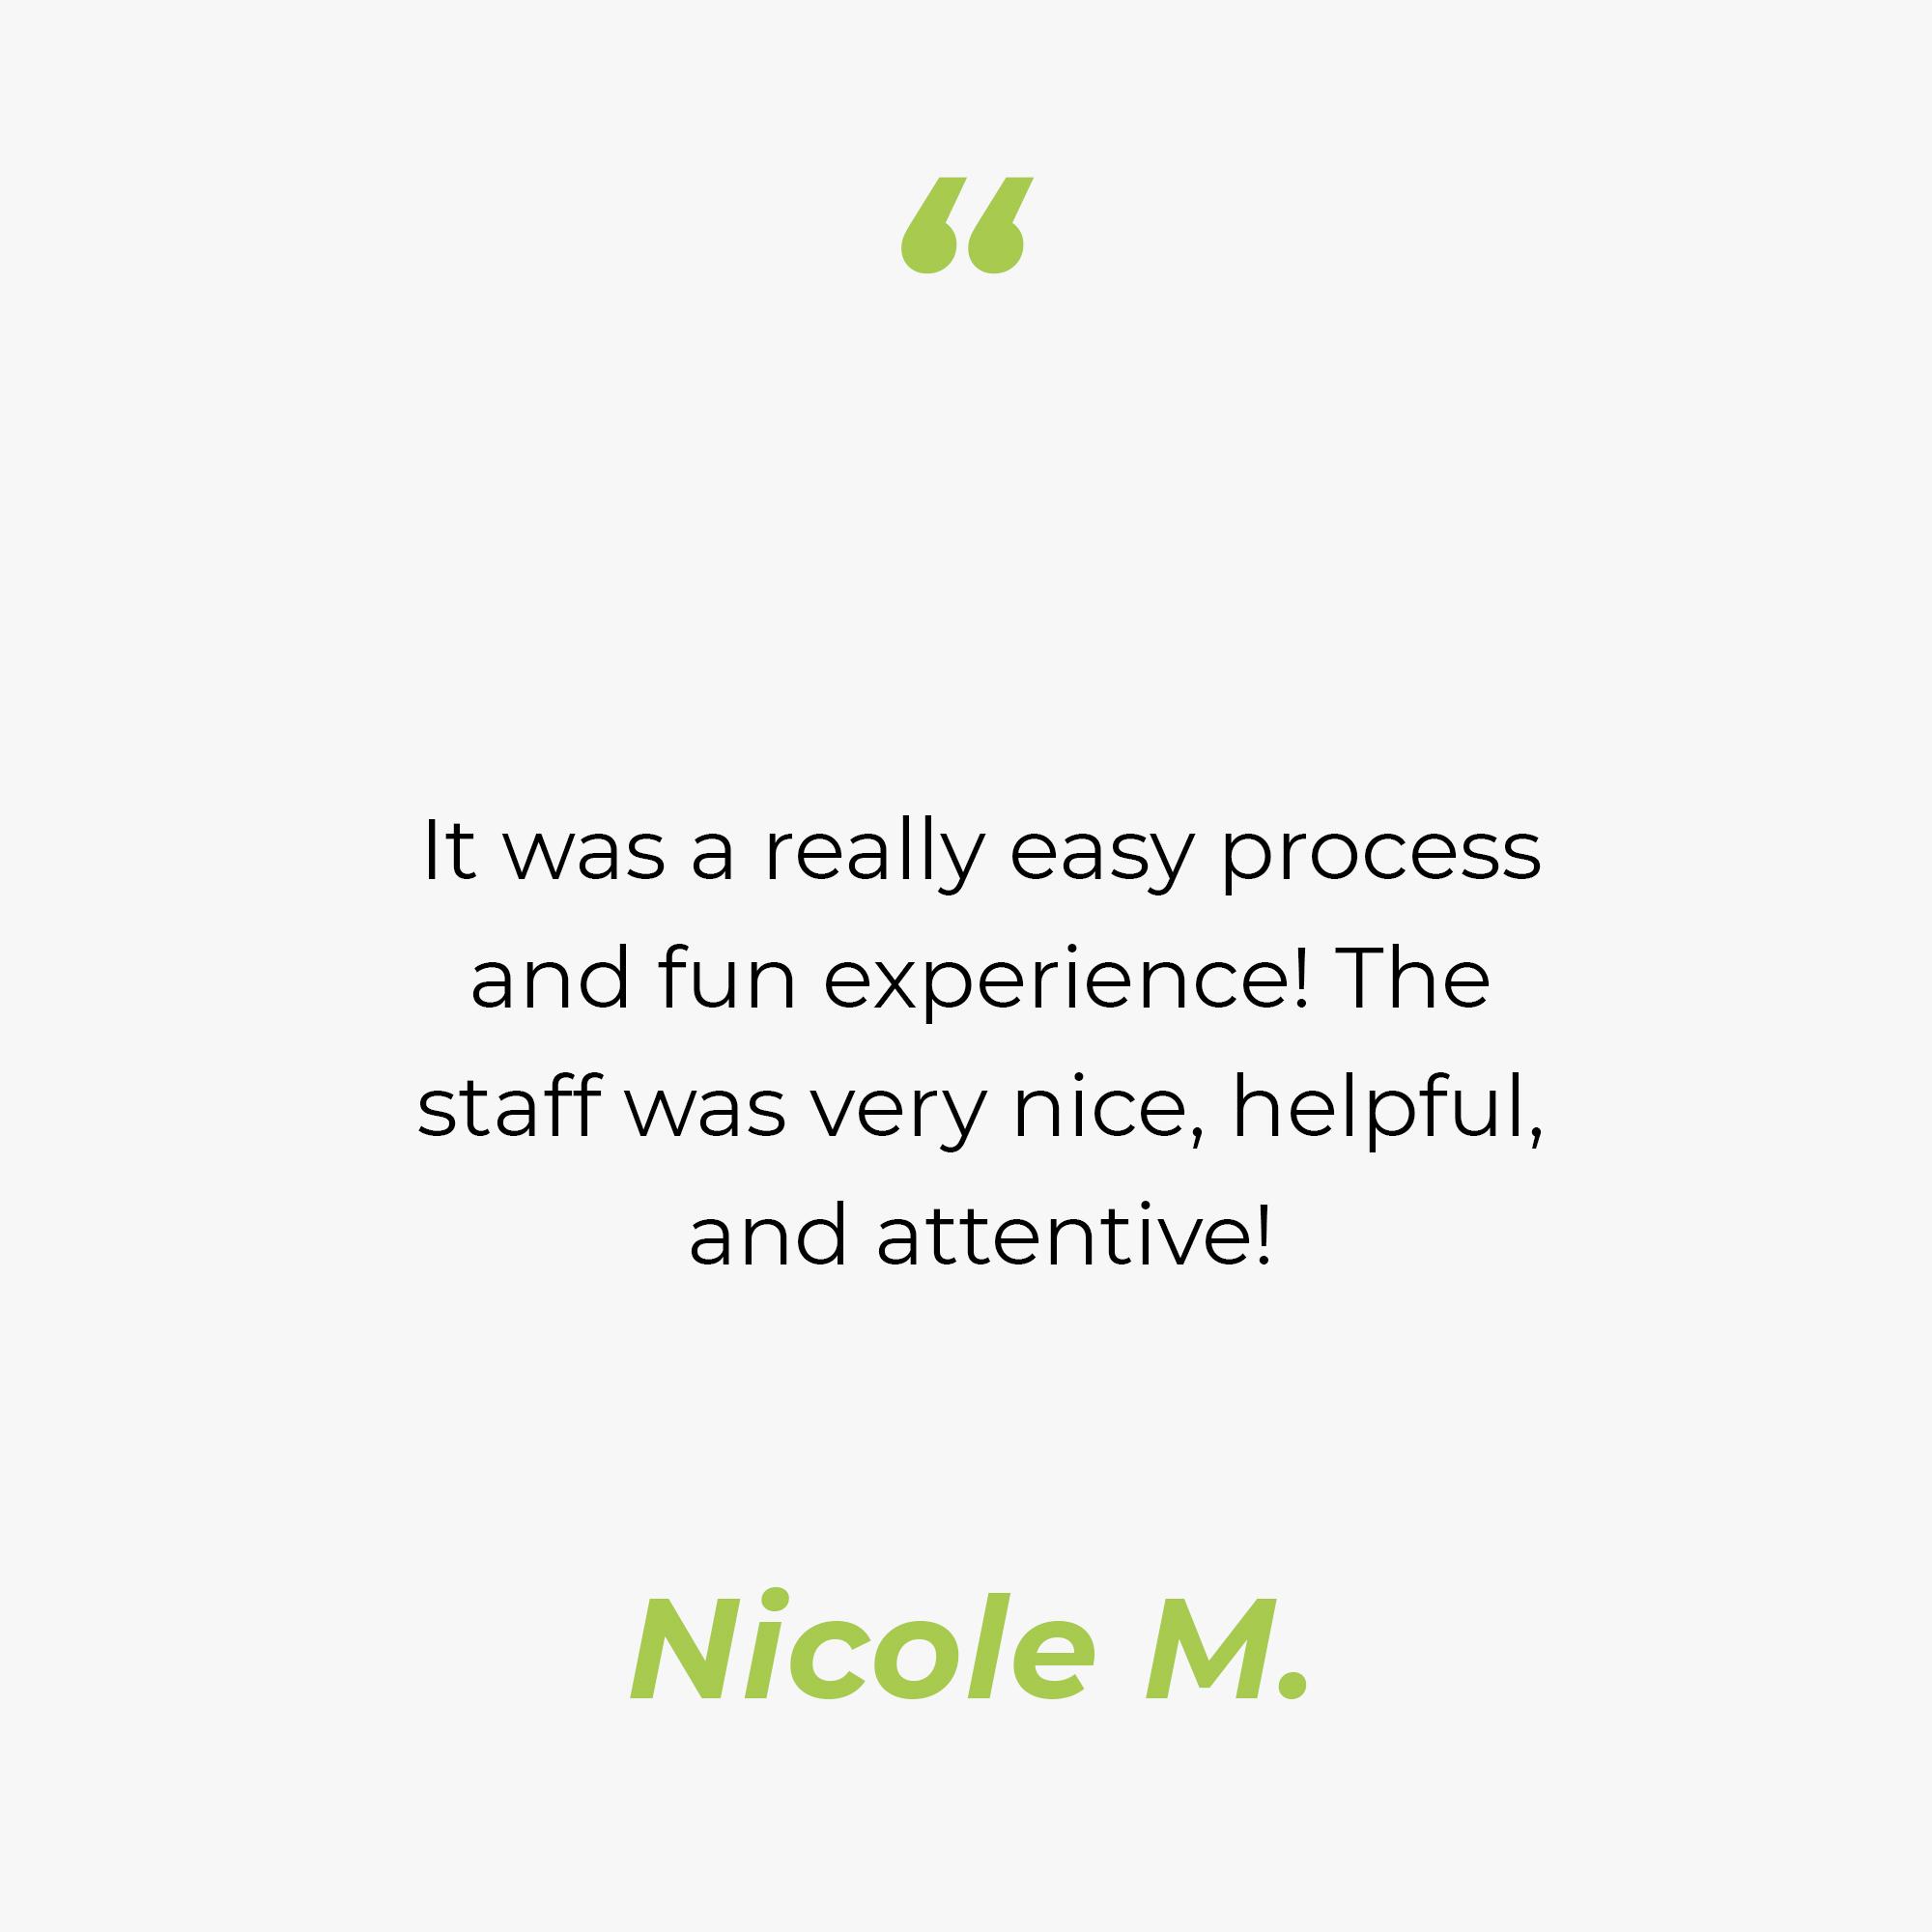 Nicole-M_quote_001.jpg